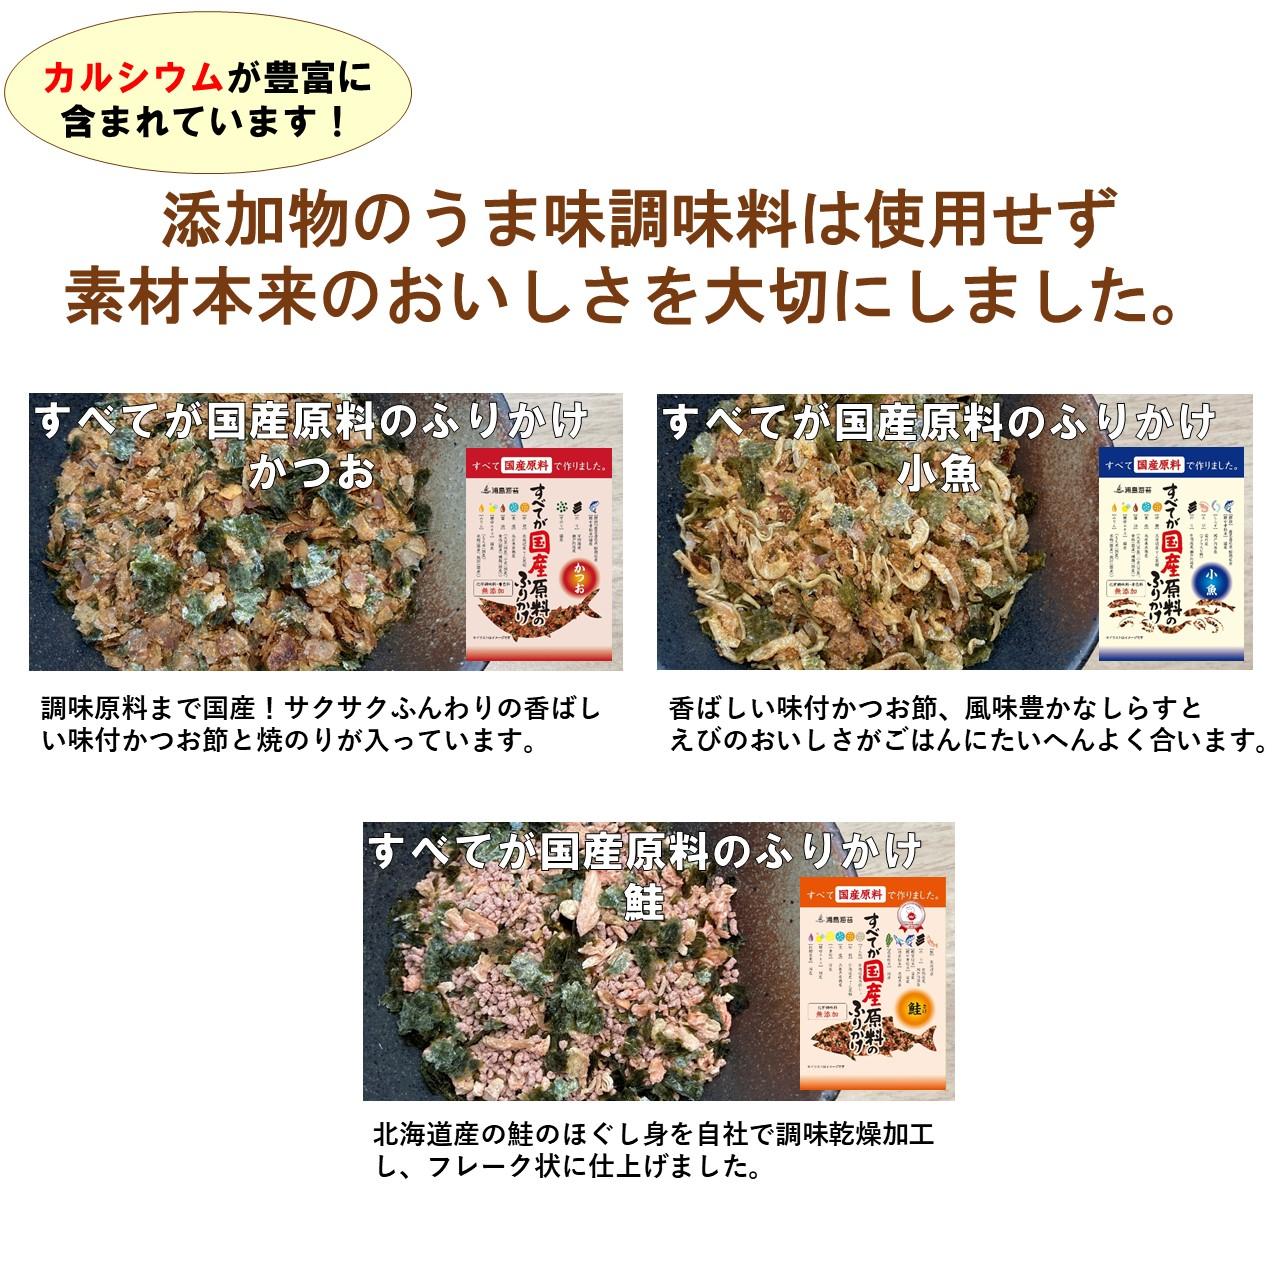 【送料無料】すべてが国産原料のふりかけ大袋&ミニパック5袋セット